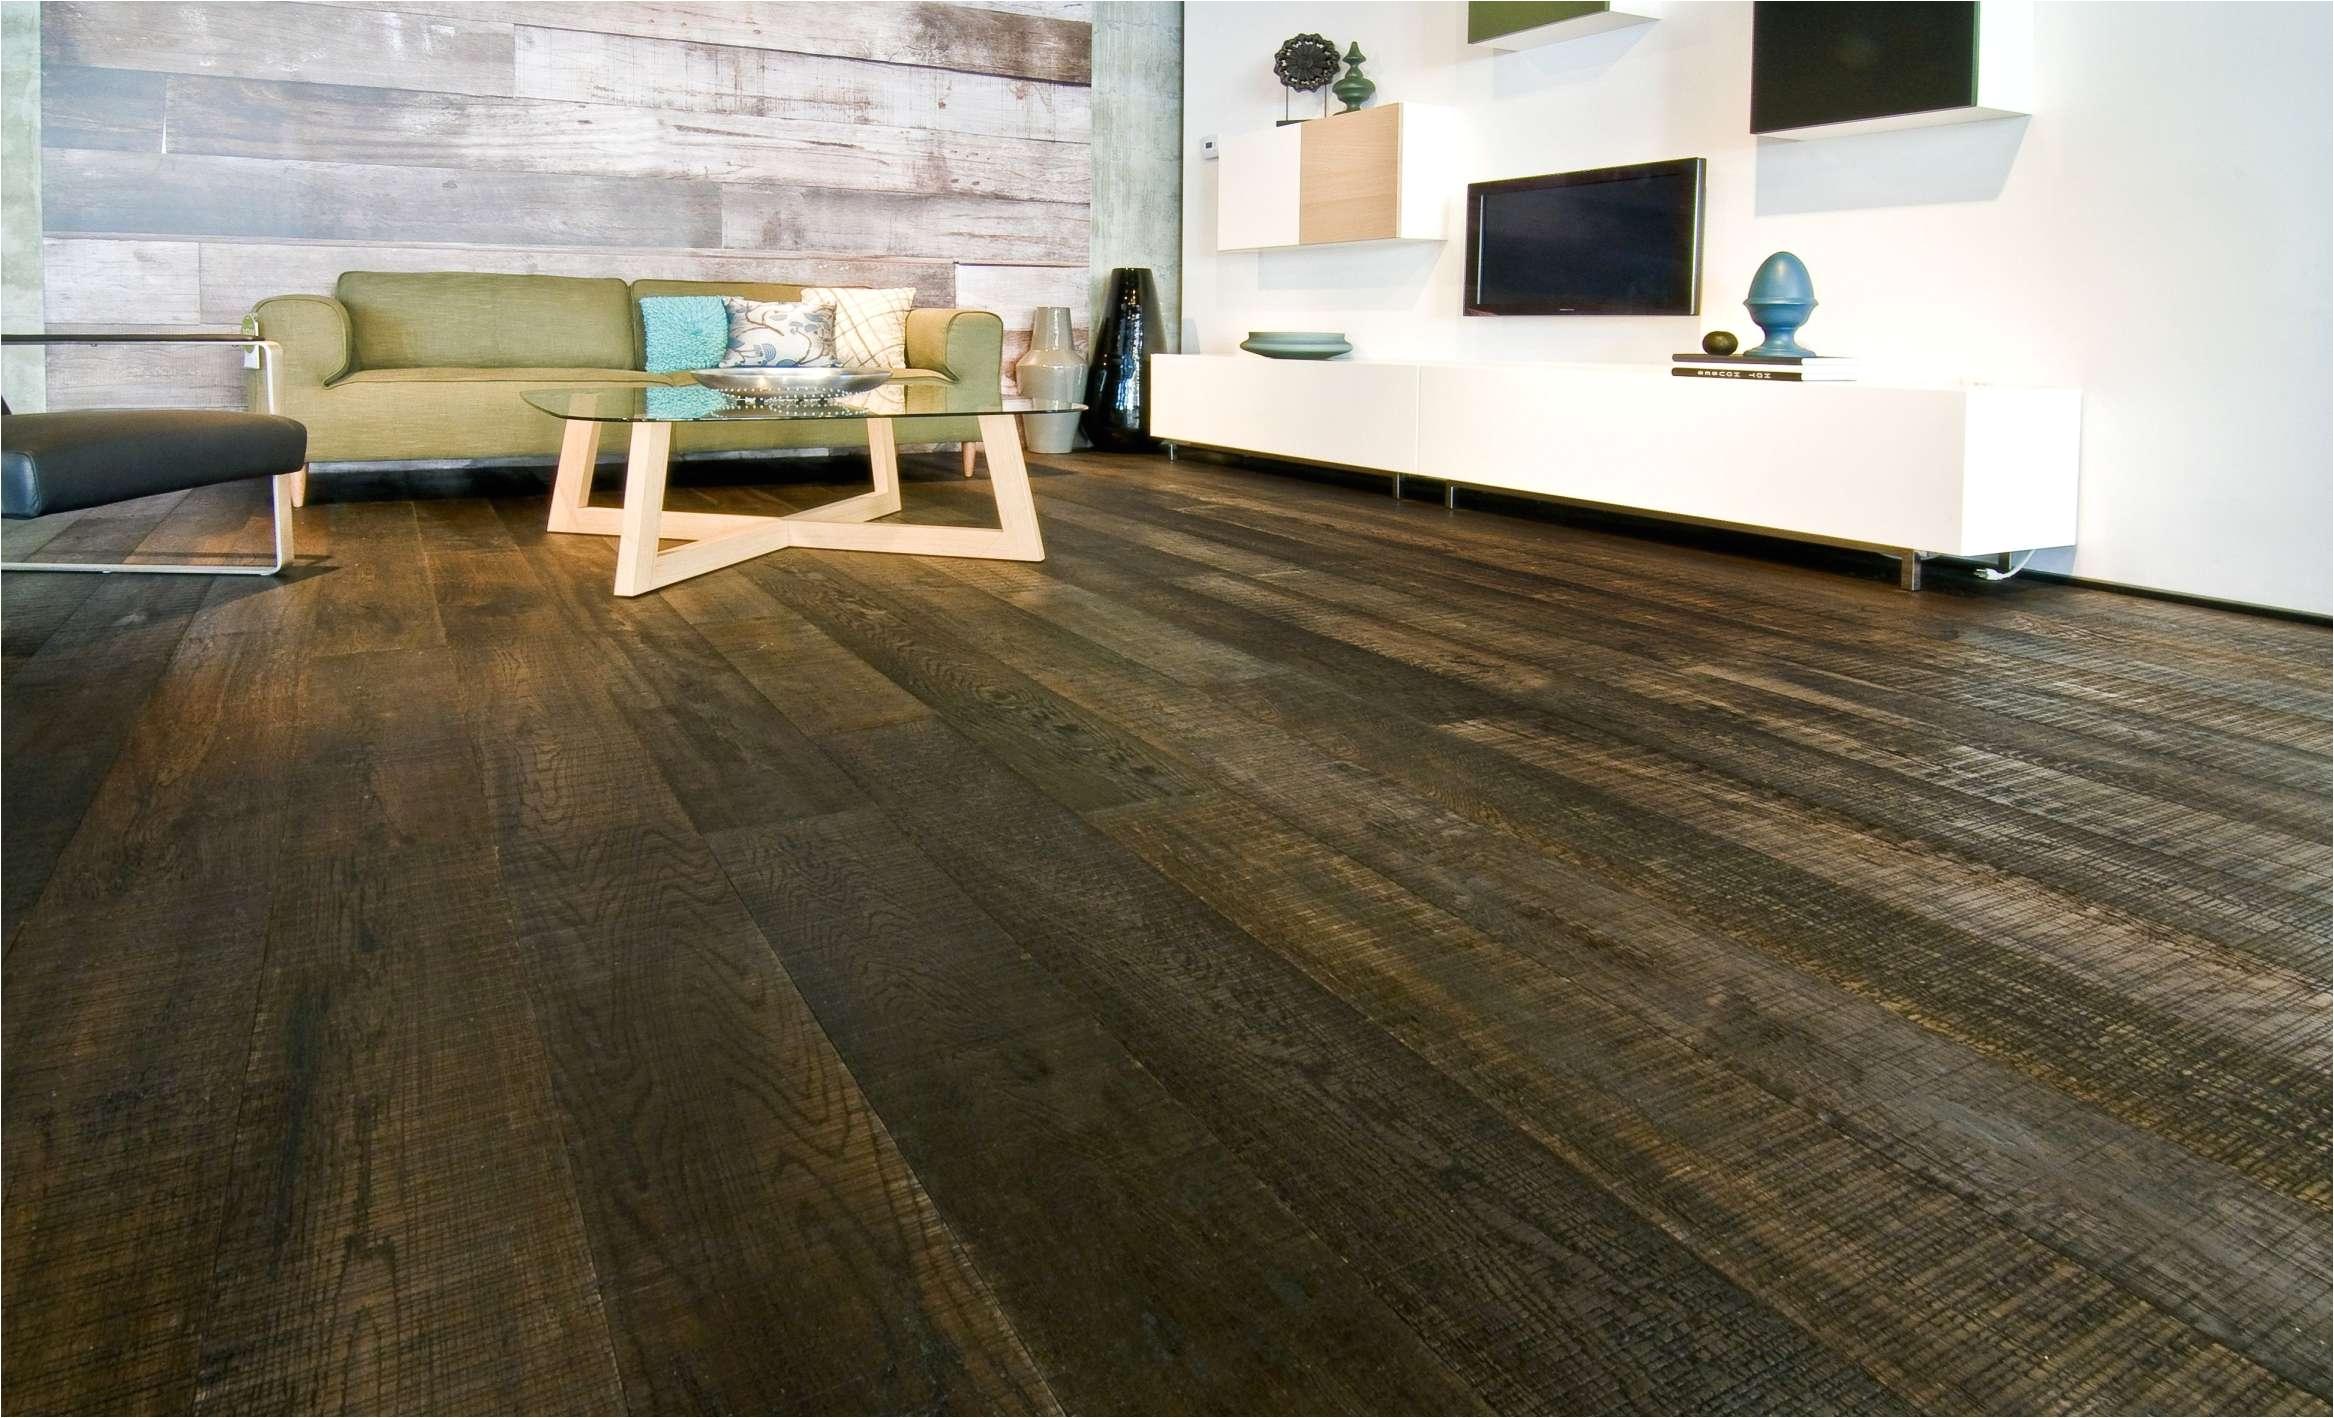 wood floor contractors wooden flooring price floor plan ideas for epoxy flooring contractors